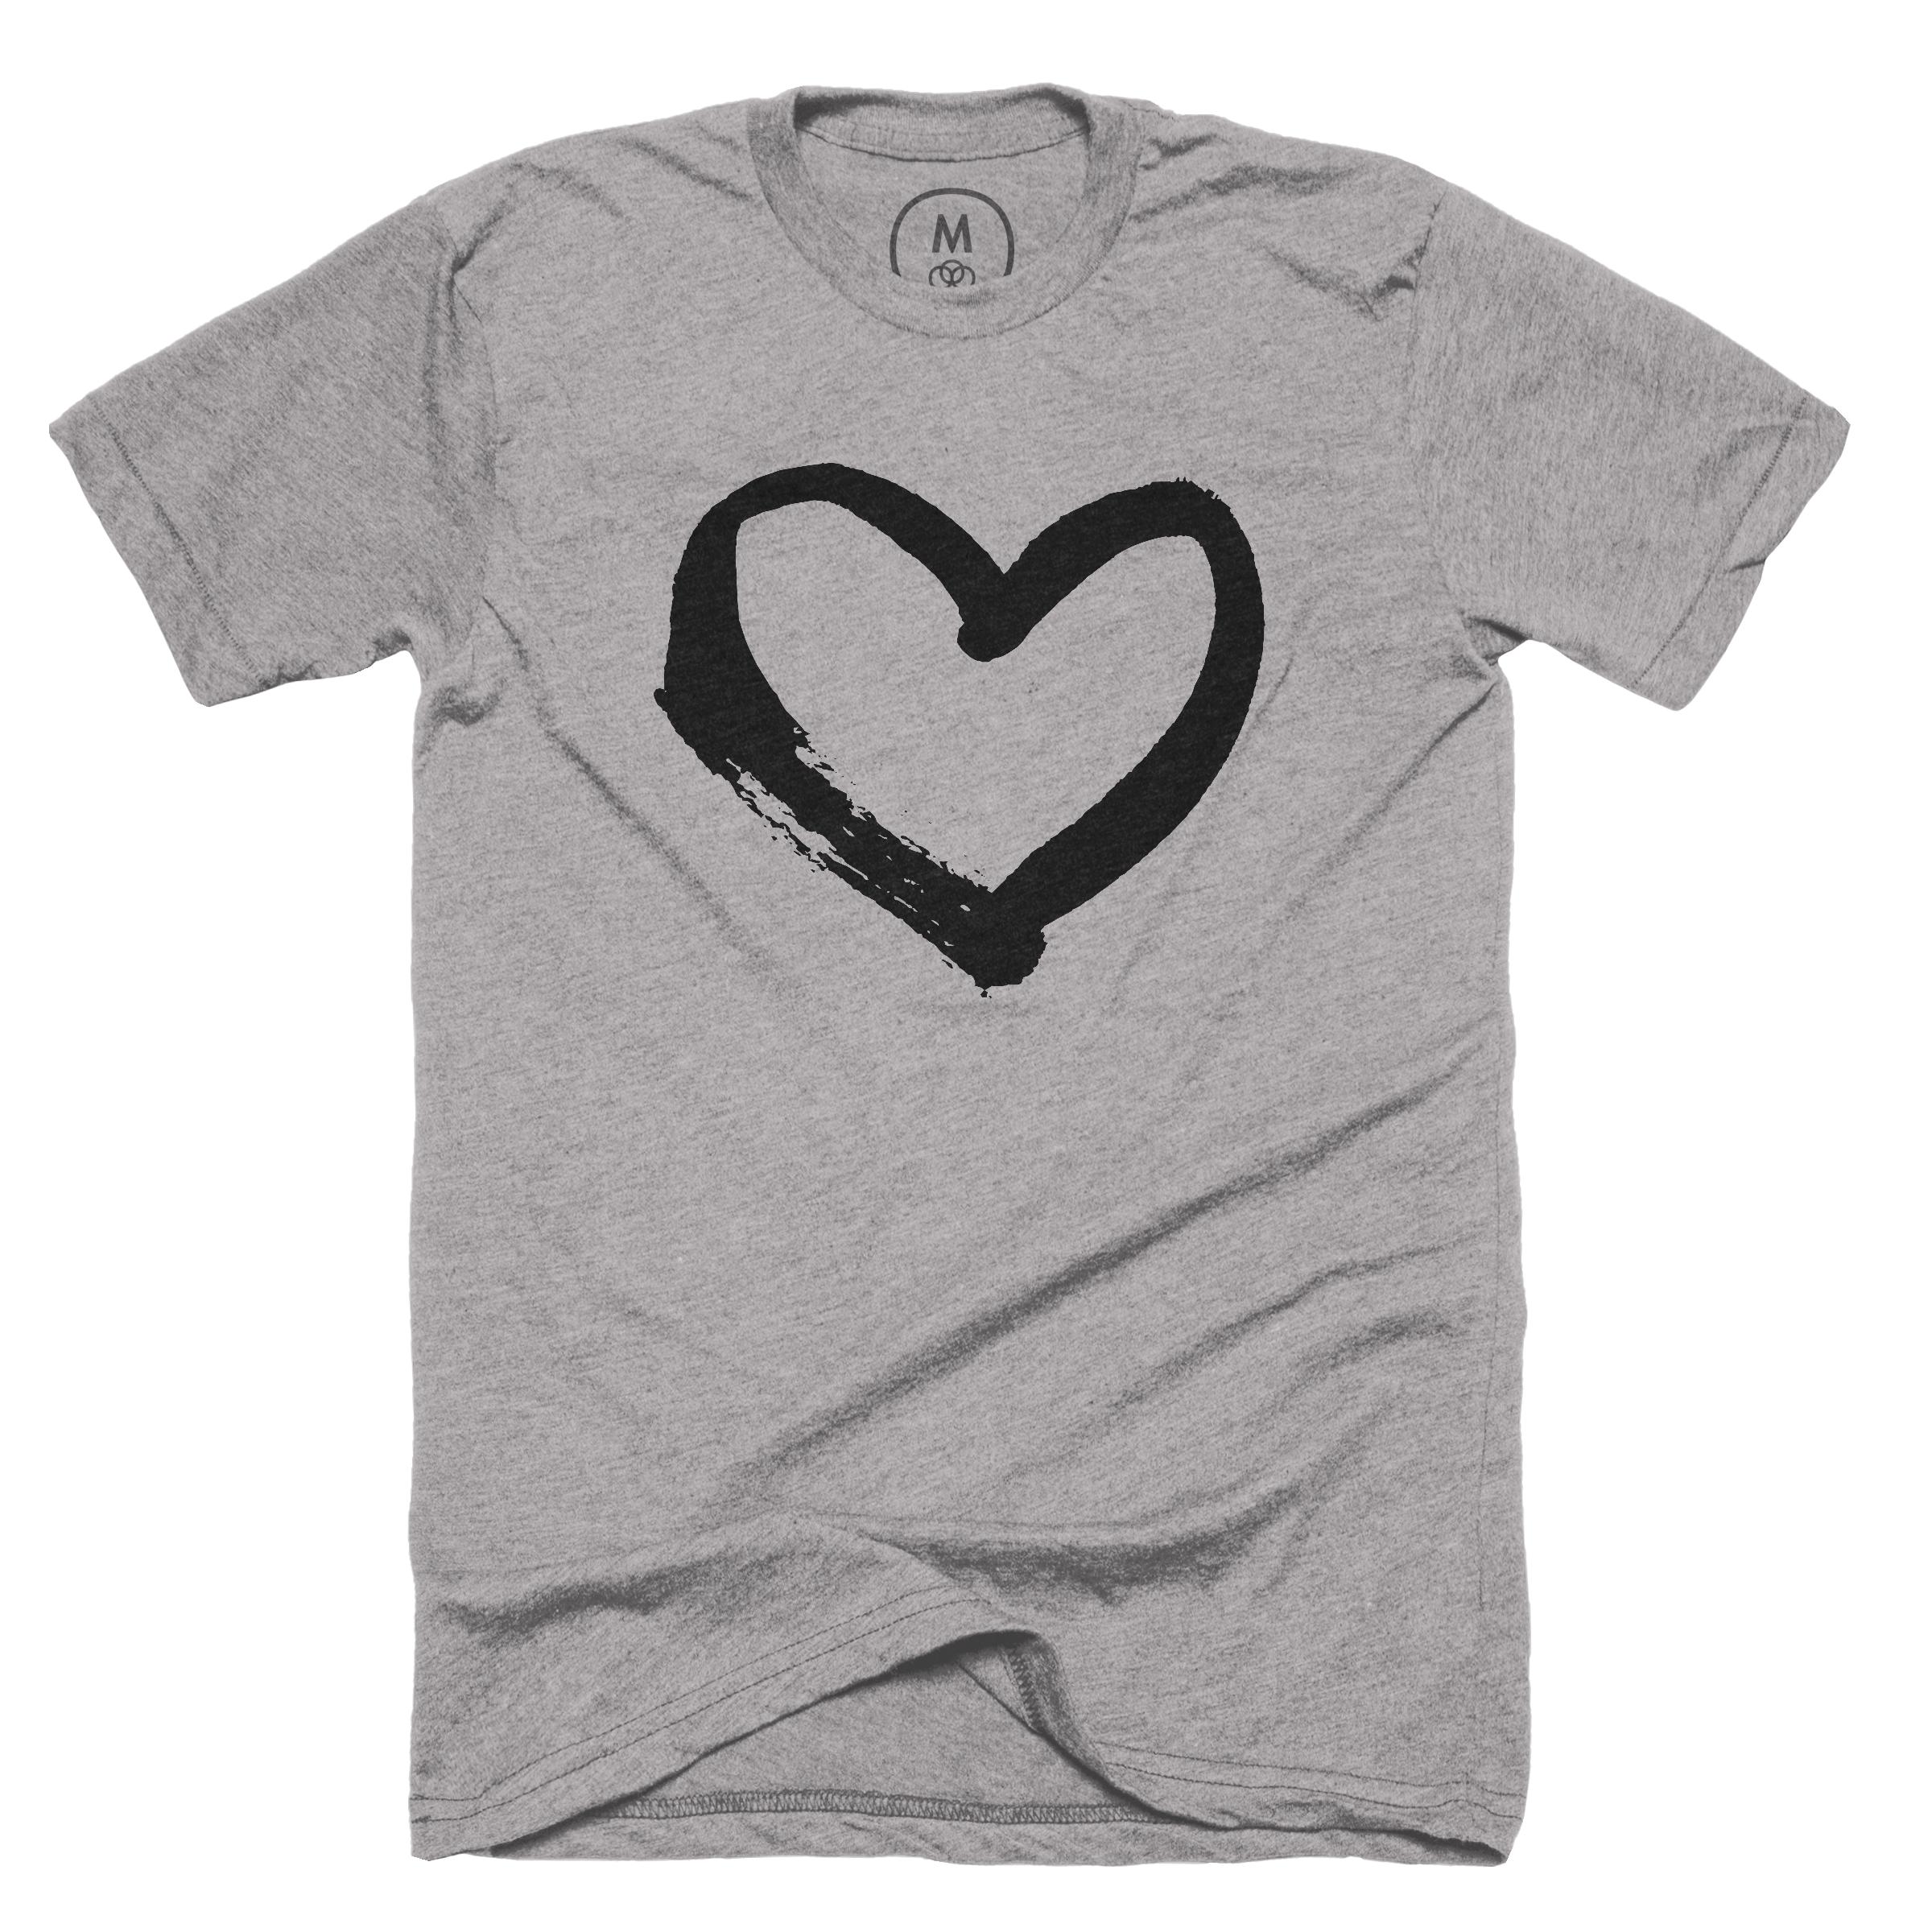 Have a heart! Dark Heather Grey (Men)